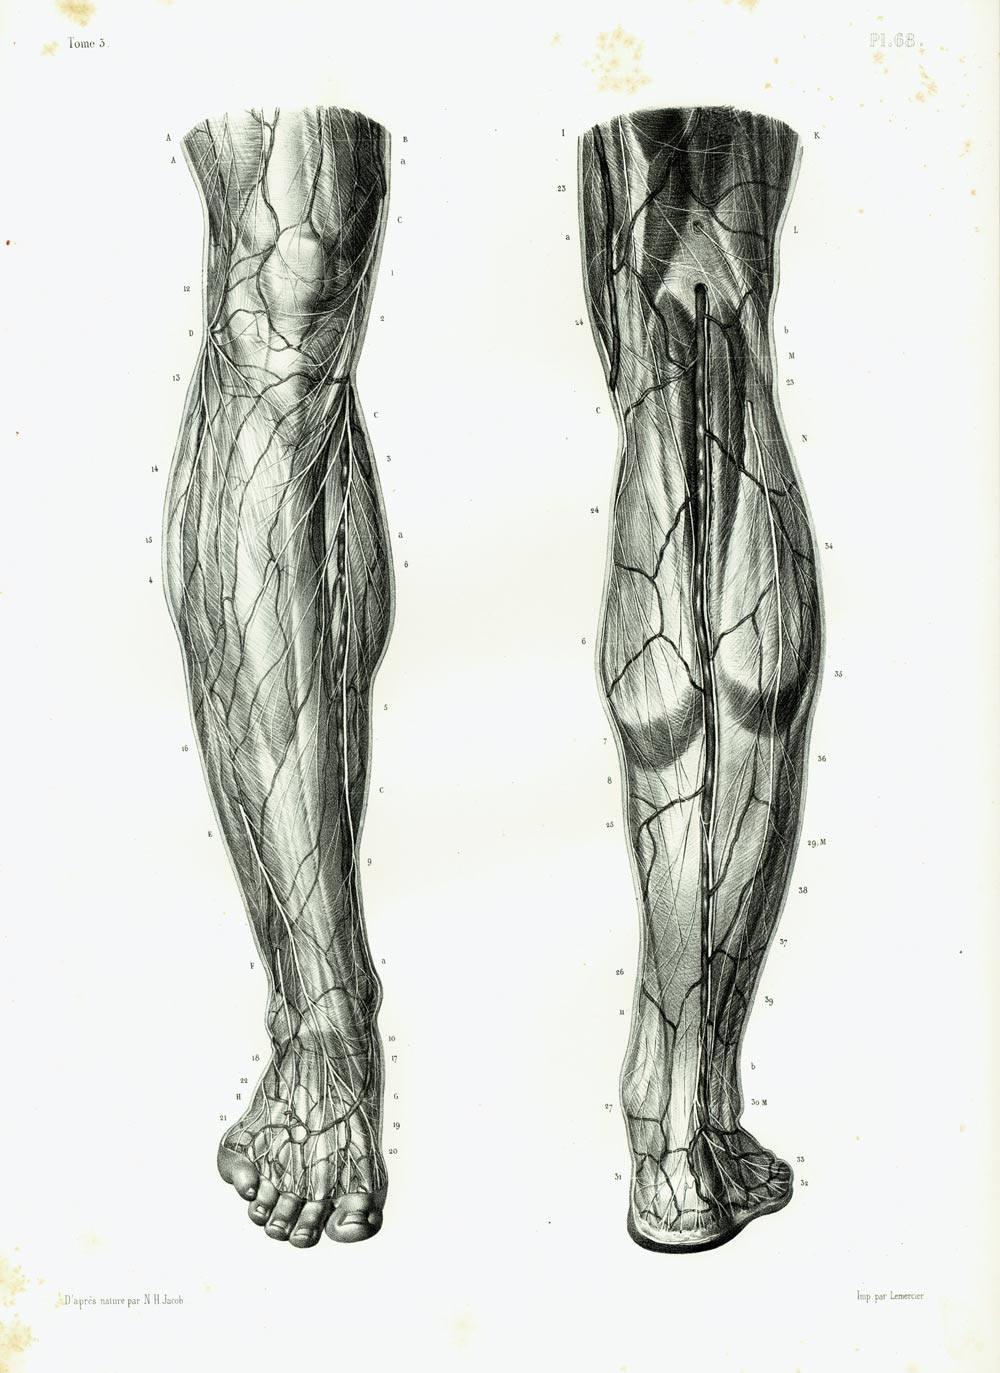 1844 Muskeln Nerven aus dem Oberschenkel Knie Bein und Fuß